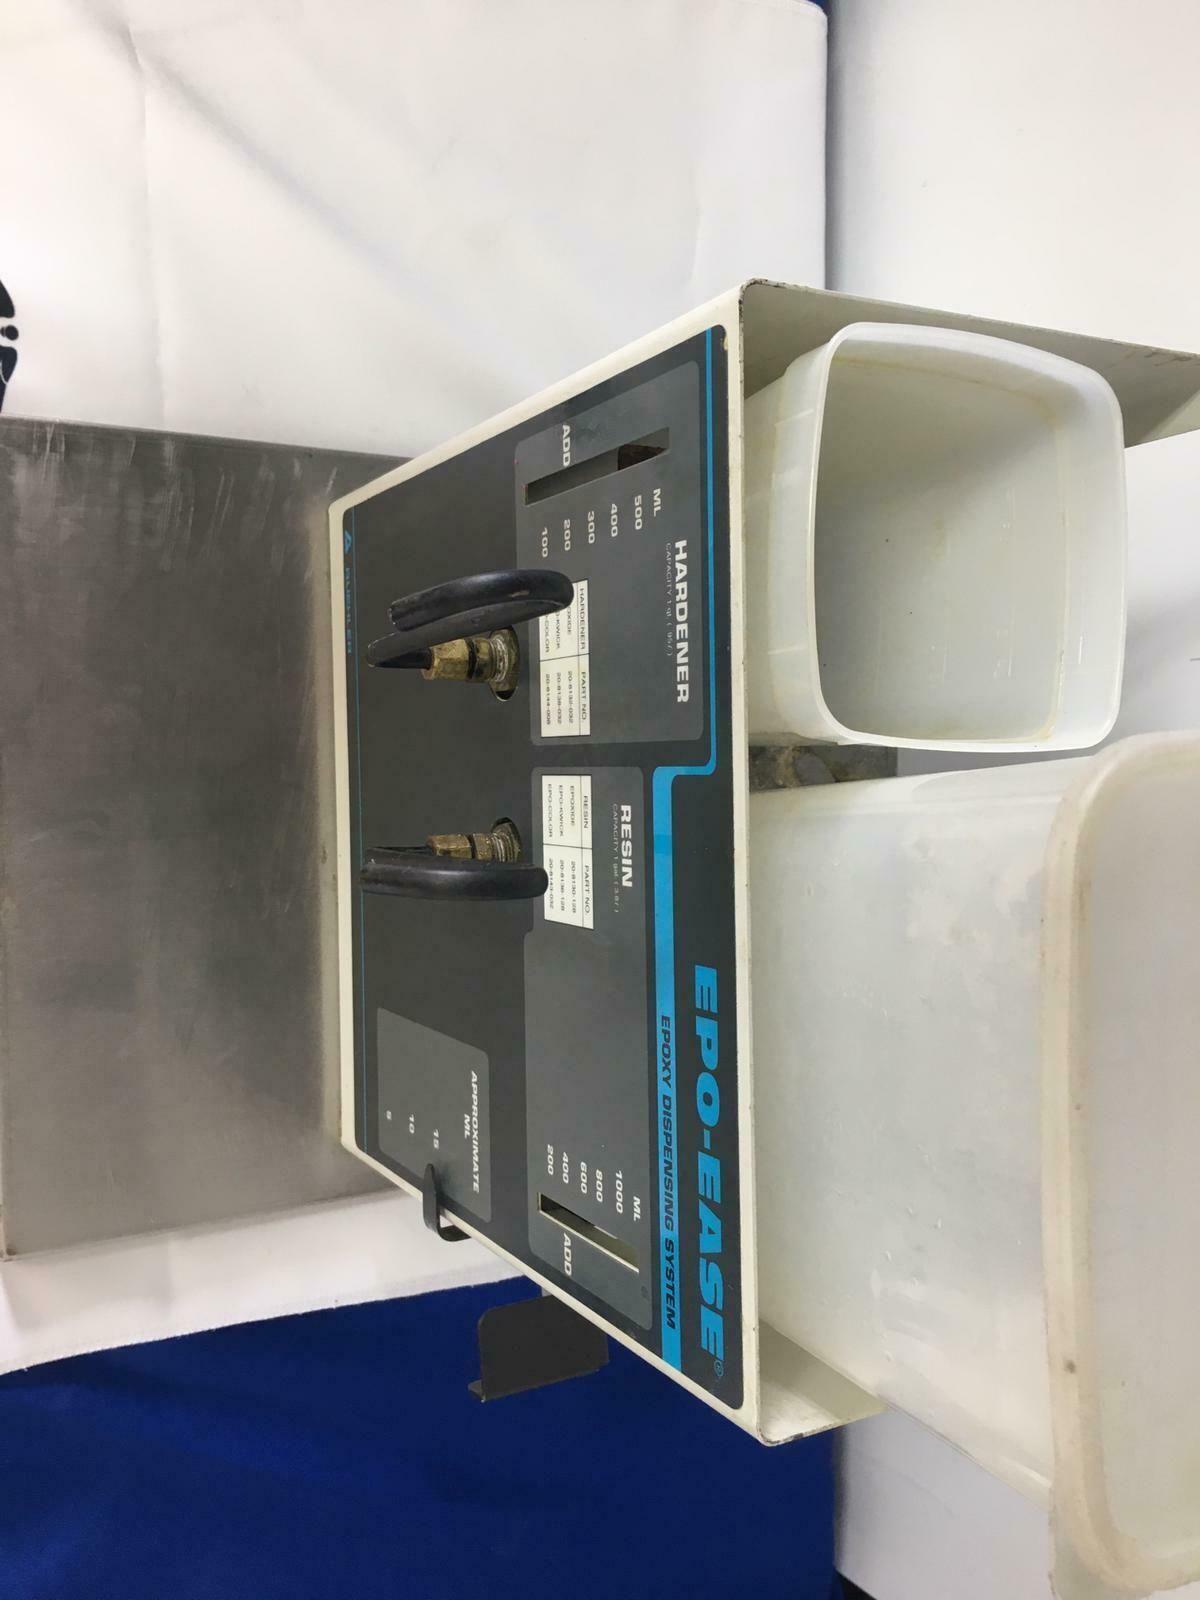 Buehler EPO-EASE Epoxy Dispensing System